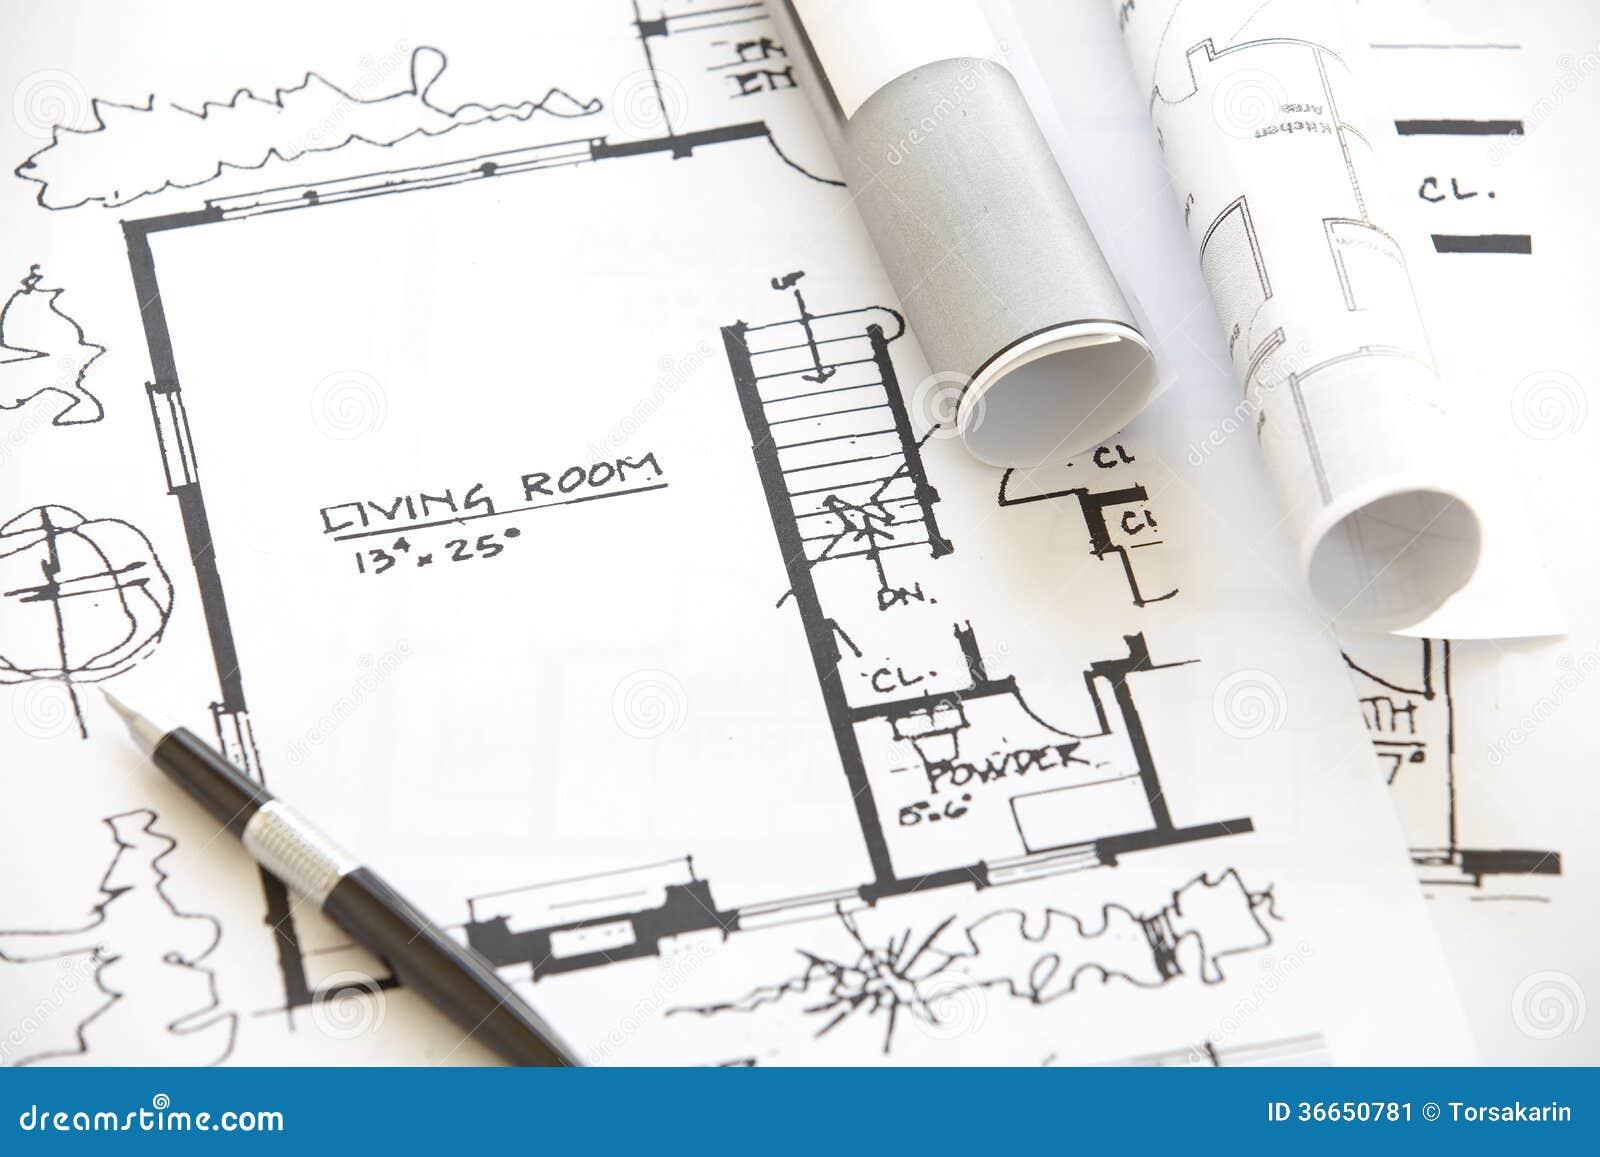 Großartig Engineering Pläne Fotos - Elektrische Schaltplan-Ideen ...